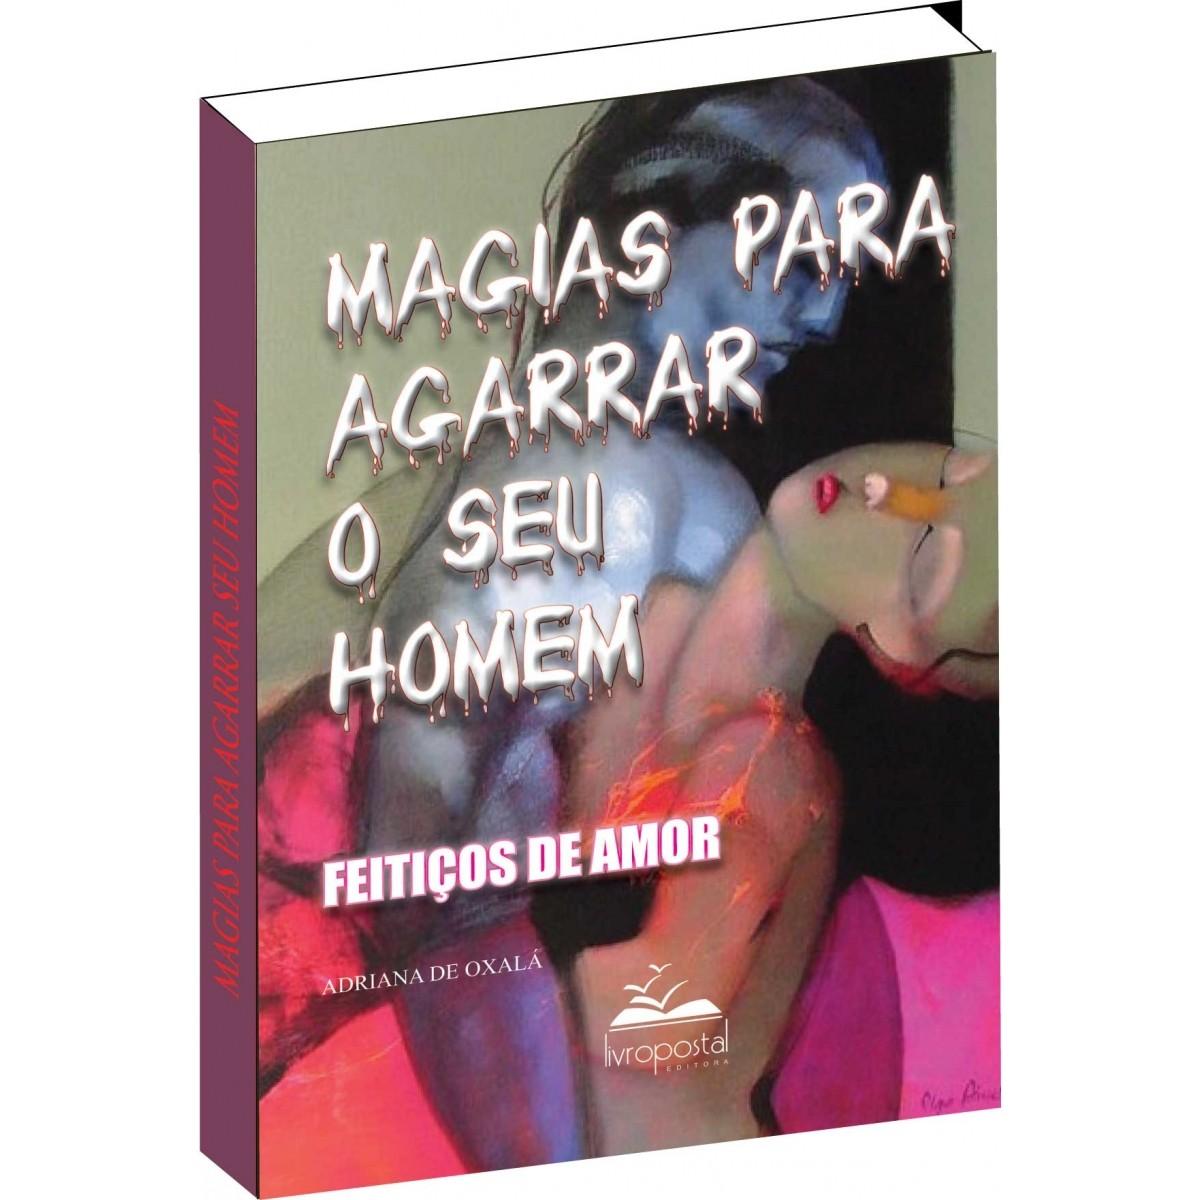 Ebook do Livro - Magias para agarrar seu Homem  - Livropostal Editora